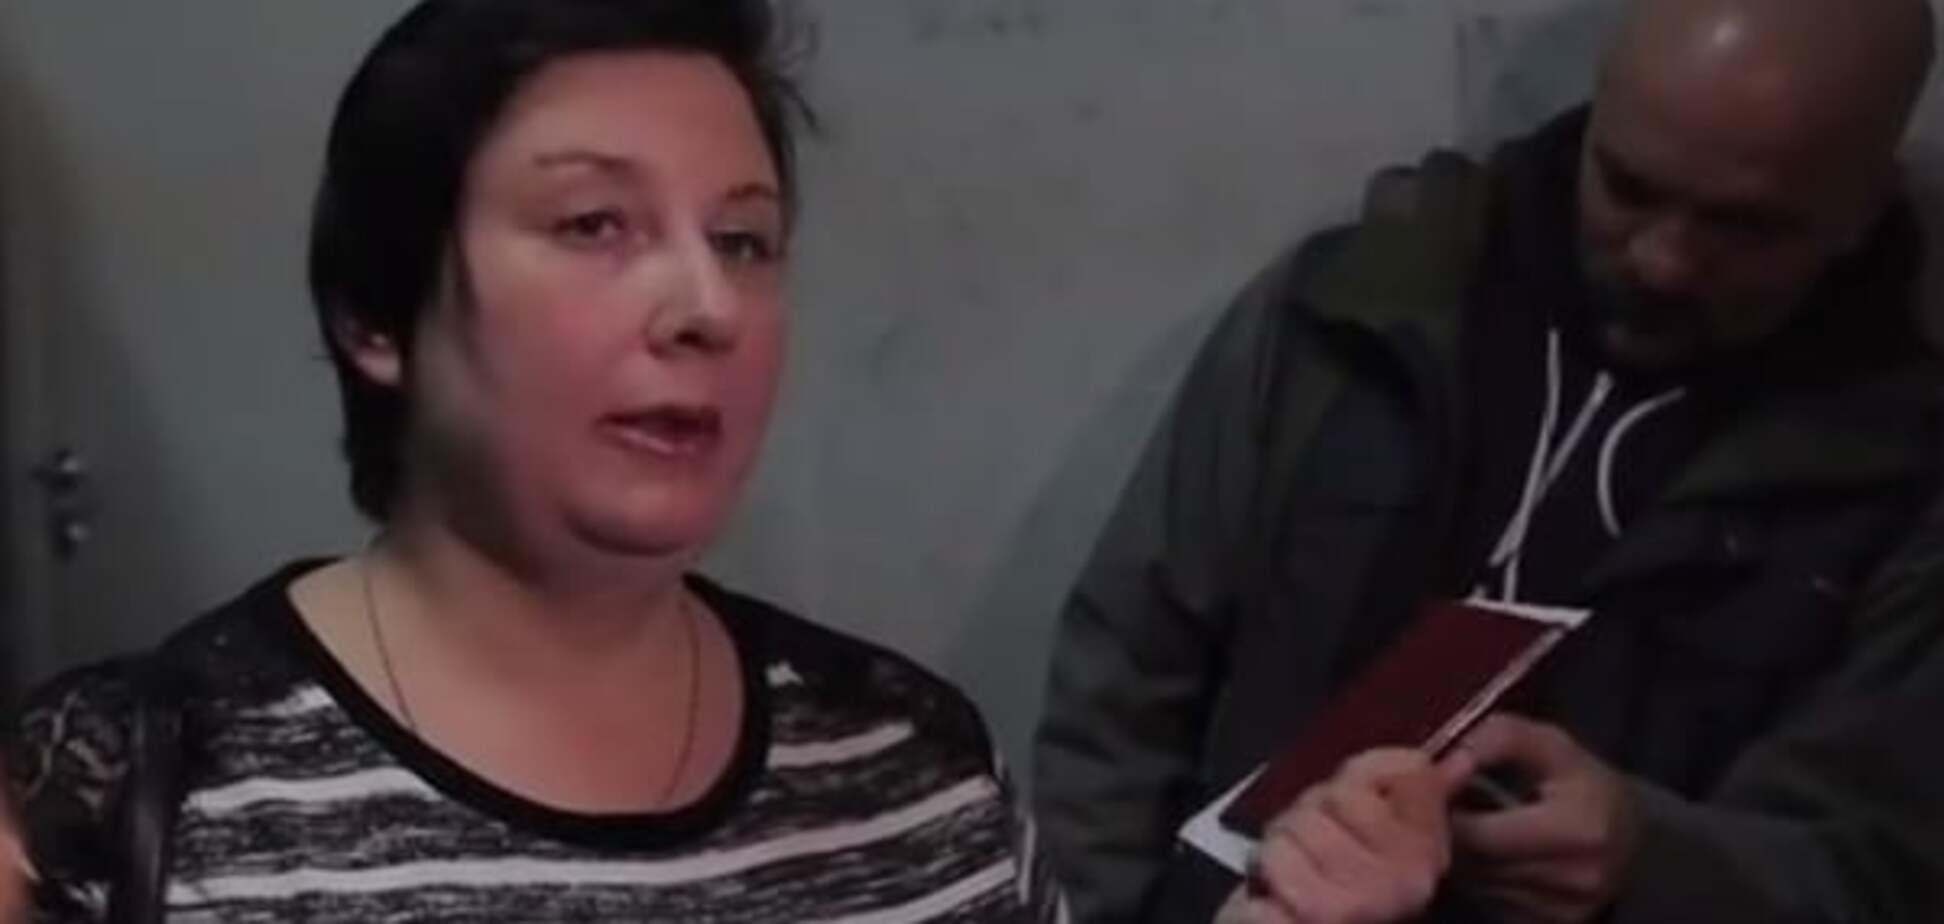 В России начали судить женщину за пост в поддержку Украины: видеофакт